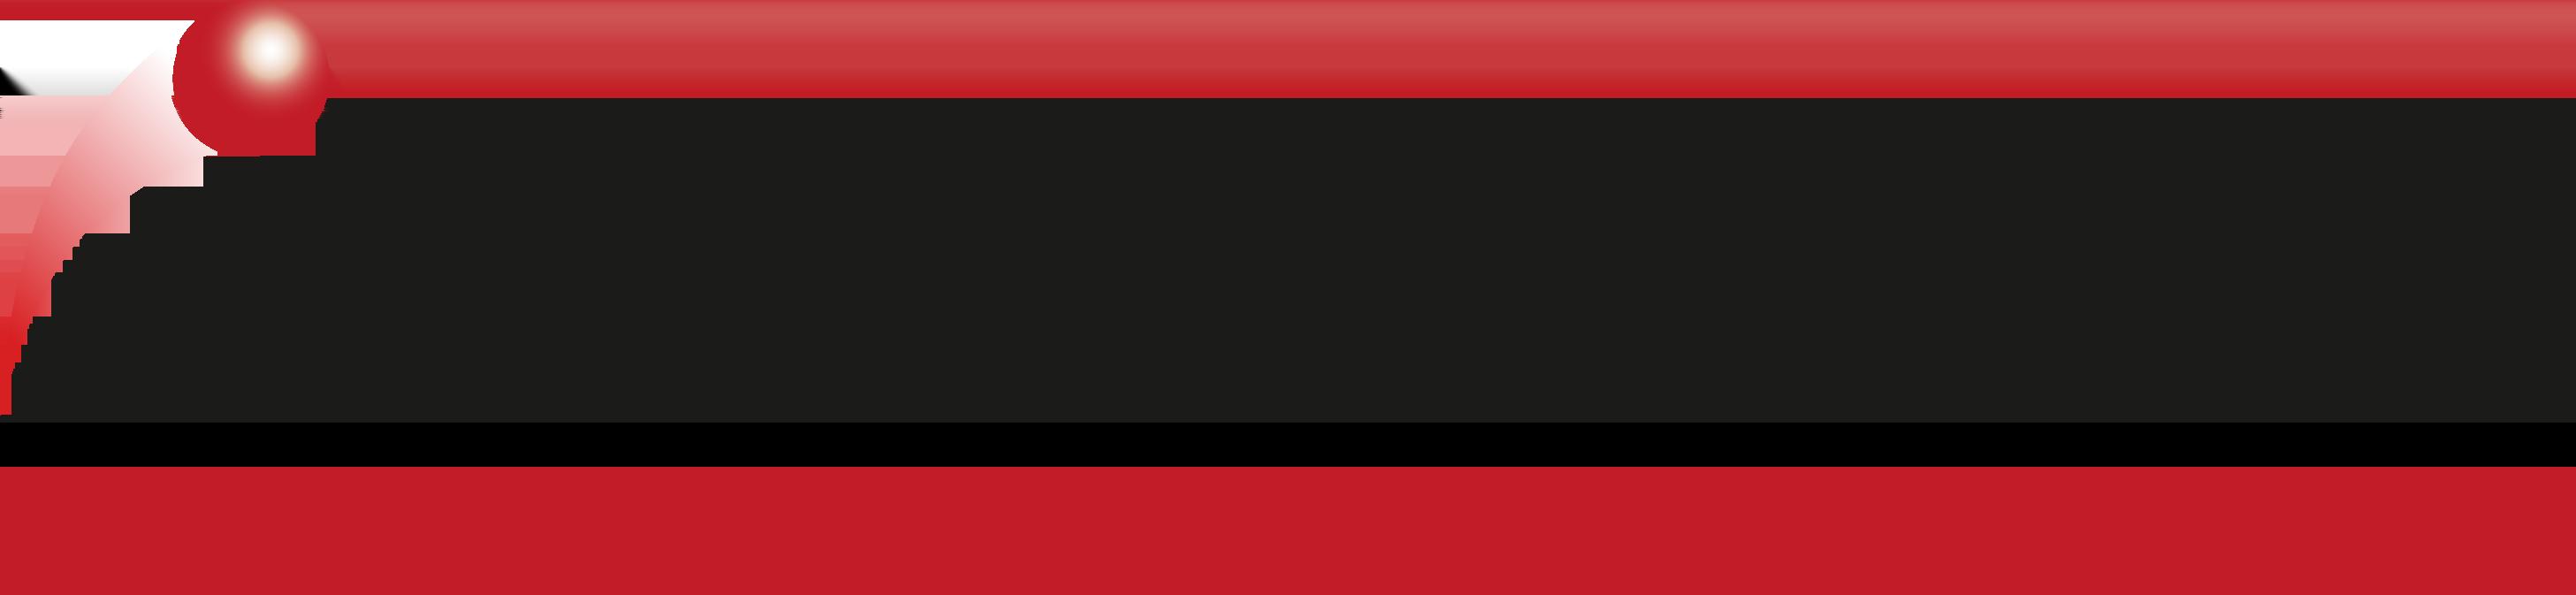 logo inbatec claim